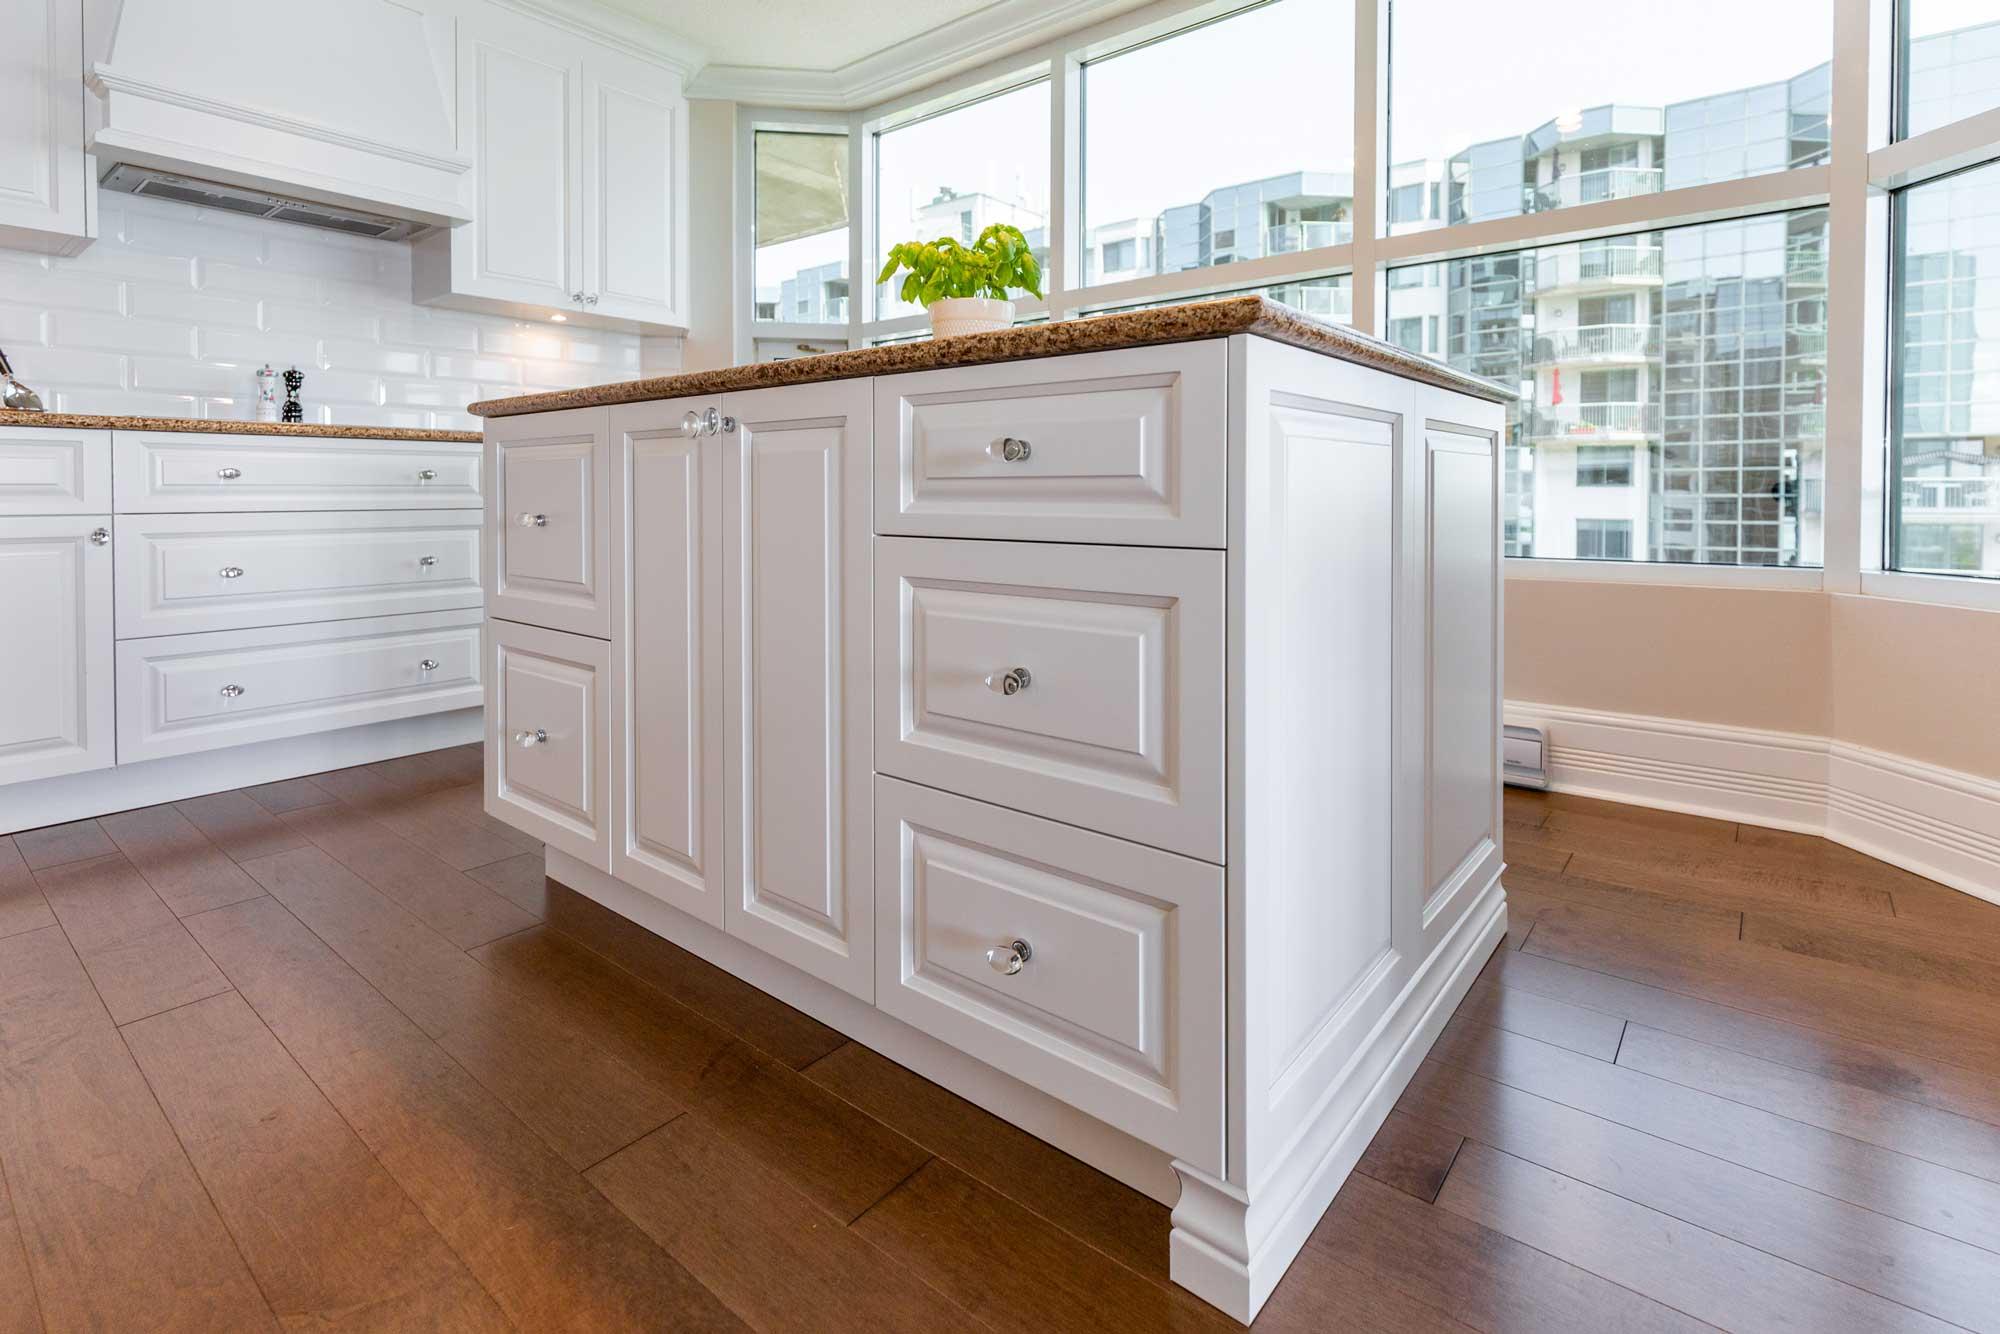 îlot de cuisine blanc avec comptoir en granite beige et plancher en bois franc